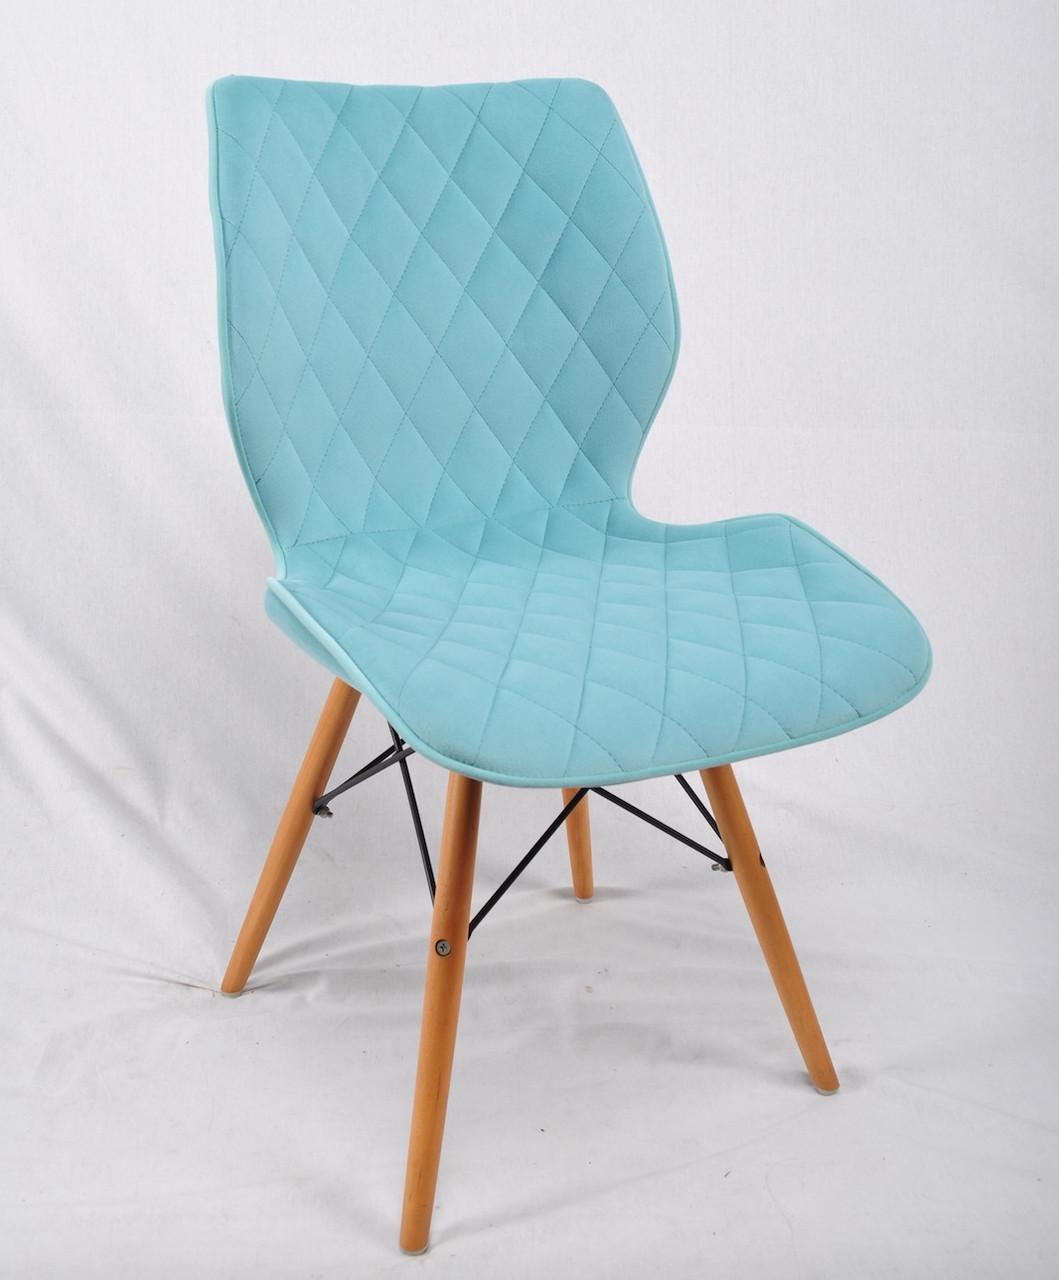 Обеденный стул Nolan Б-Т (Нолан) светло- зеленый бархат на деревянных ногах